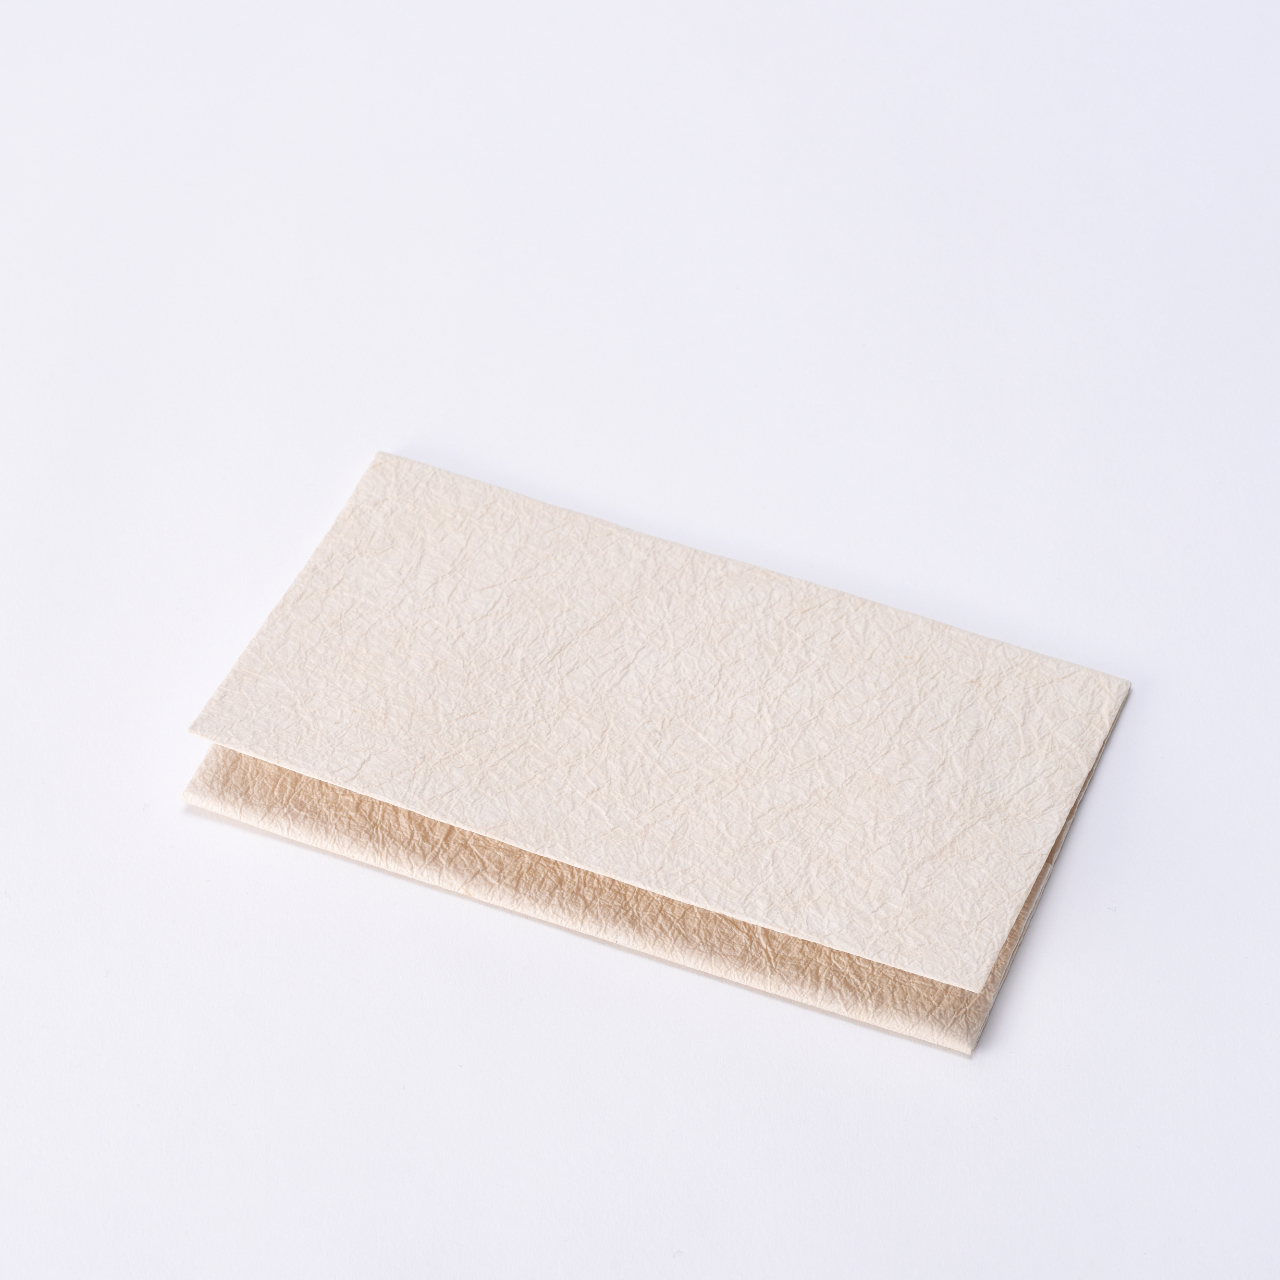 マスクケース(白):抗菌撥水加工済み